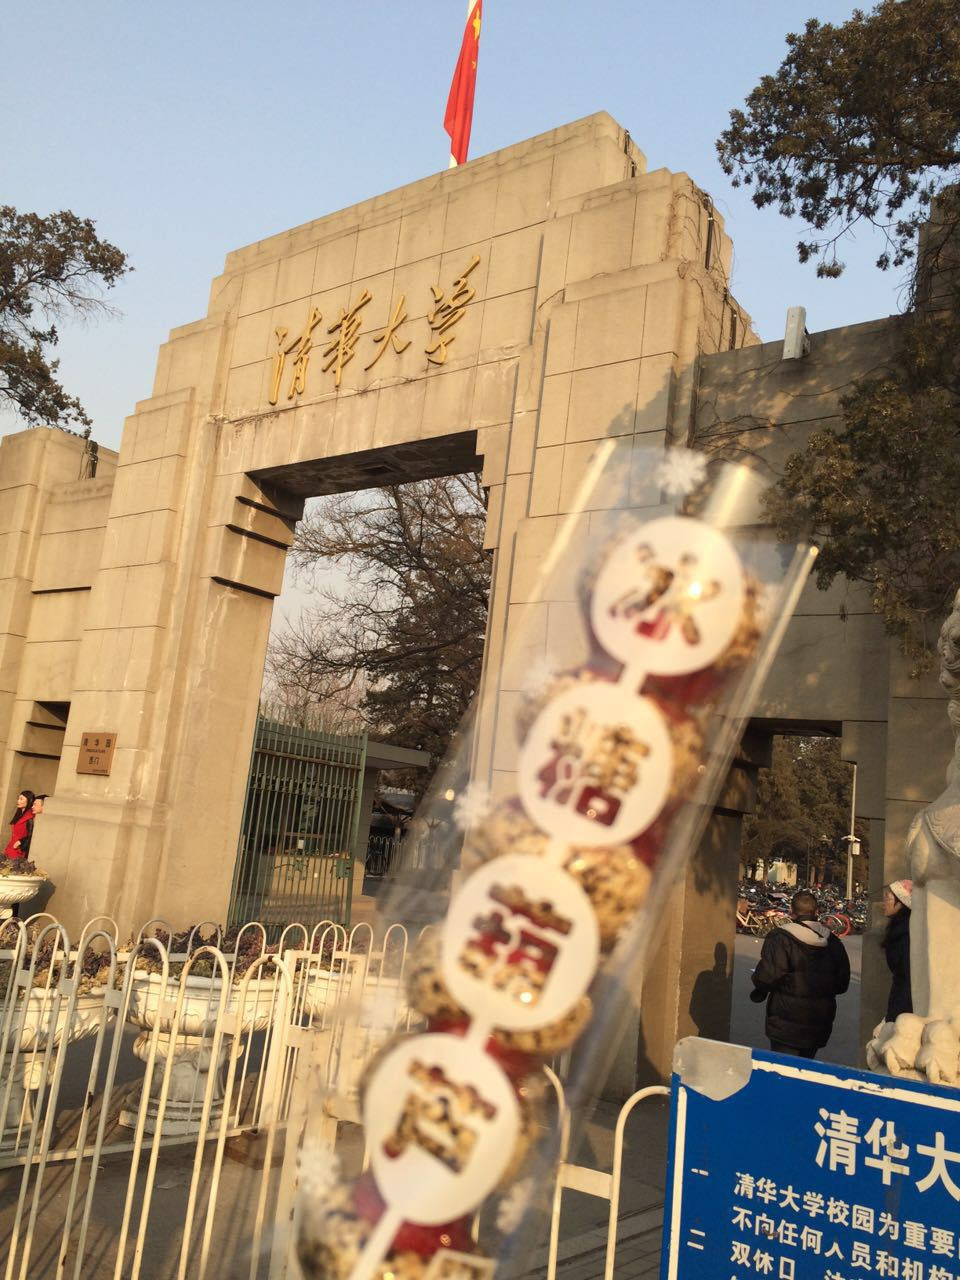 1月寒冬两只爱吃爱玩的吃货7天北京游(内含干货多图多文字) - 北京游记攻略【携程攻略】